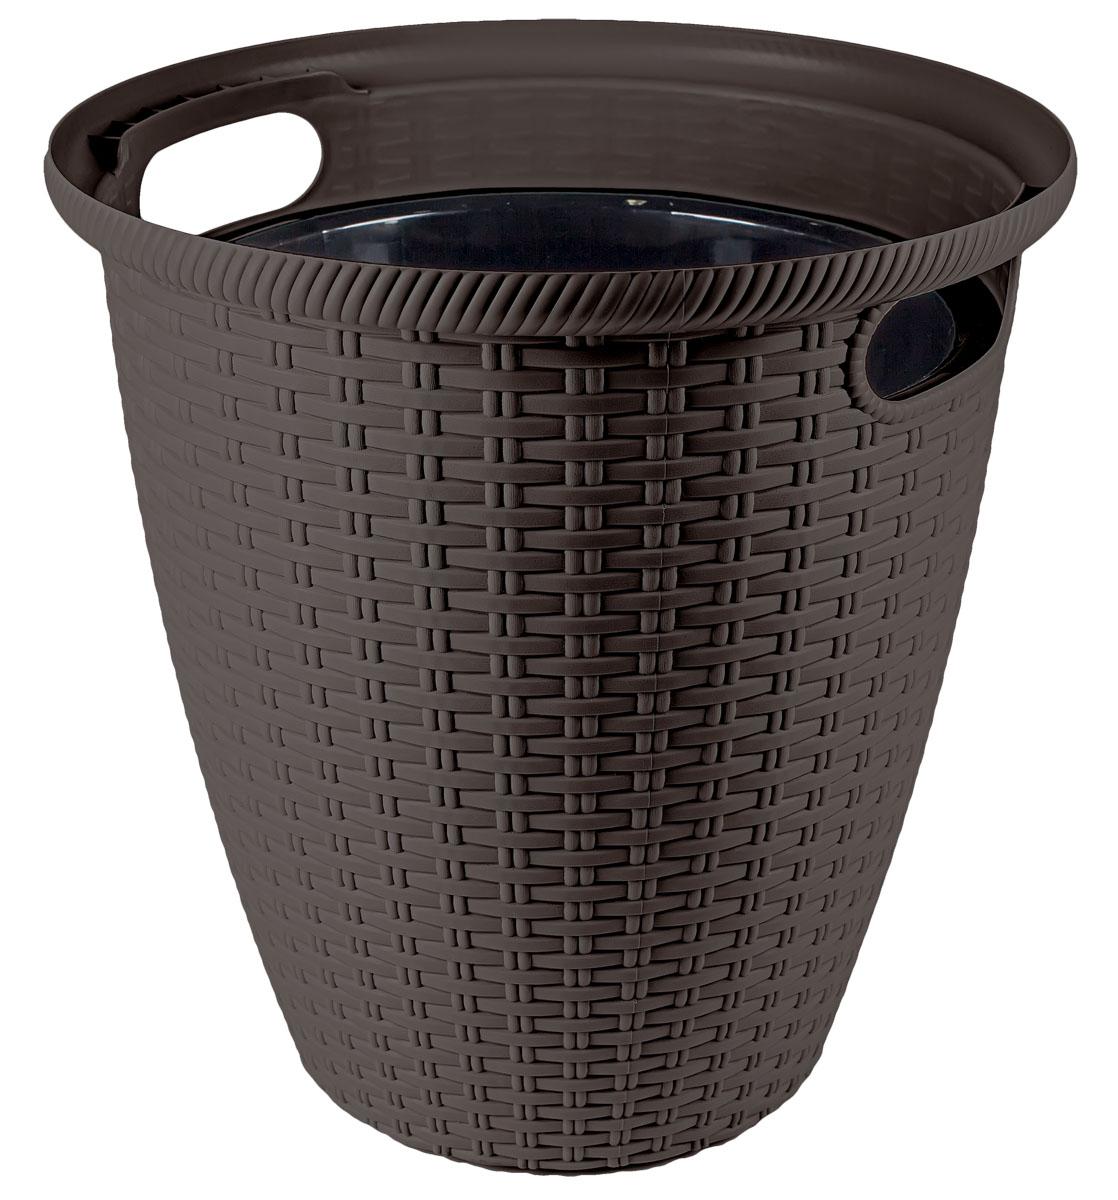 Кашпо InGreen Ротанг, напольное, цвет: венге, диаметр 32,8 см41624Кашпо InGreen Ротанг изготовлено из высококачественного пластика с плетеной текстурой. Такое кашпо прекрасно подойдет для выращивания растений и цветов в домашних условиях. Лаконичный дизайн впишется в интерьер любого помещения. Размер кашпо: 32,8 х 32,8 х 33 см.